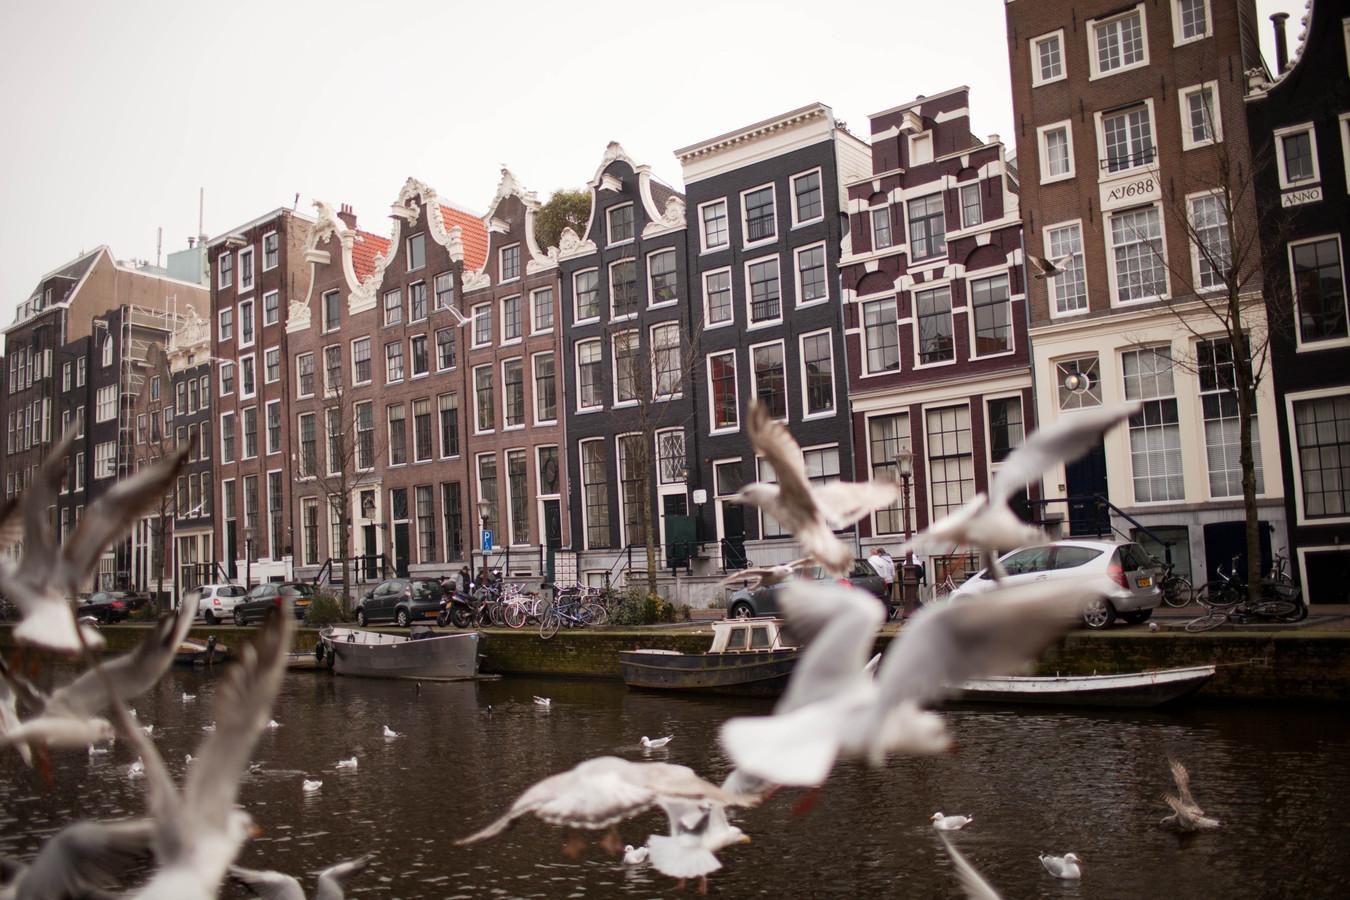 Gerard Kock (23) woont in Amsterdam, maar verhuist binnenkort naar een woning in Haarlem, die bijna tien keer zo groot is.